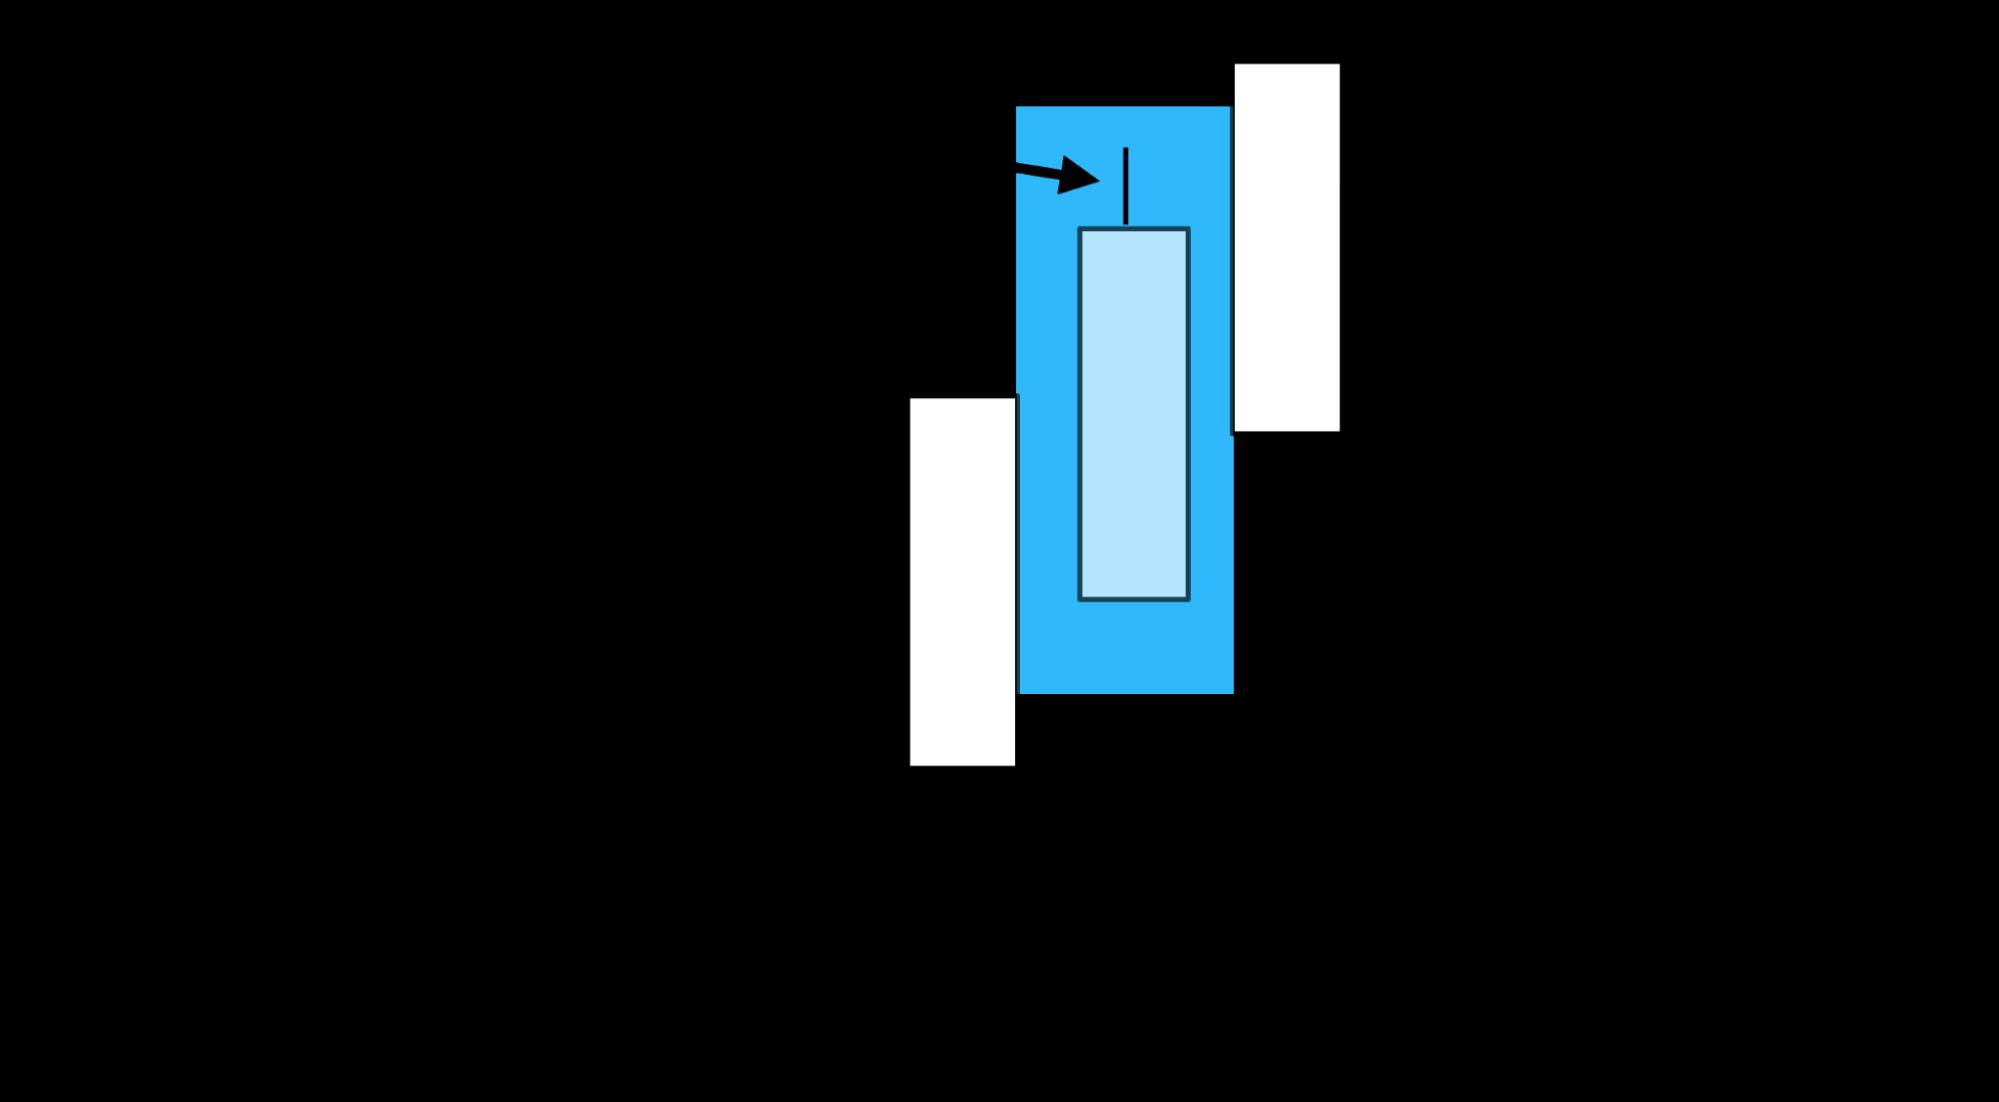 陽線bによる上ヒゲの確認